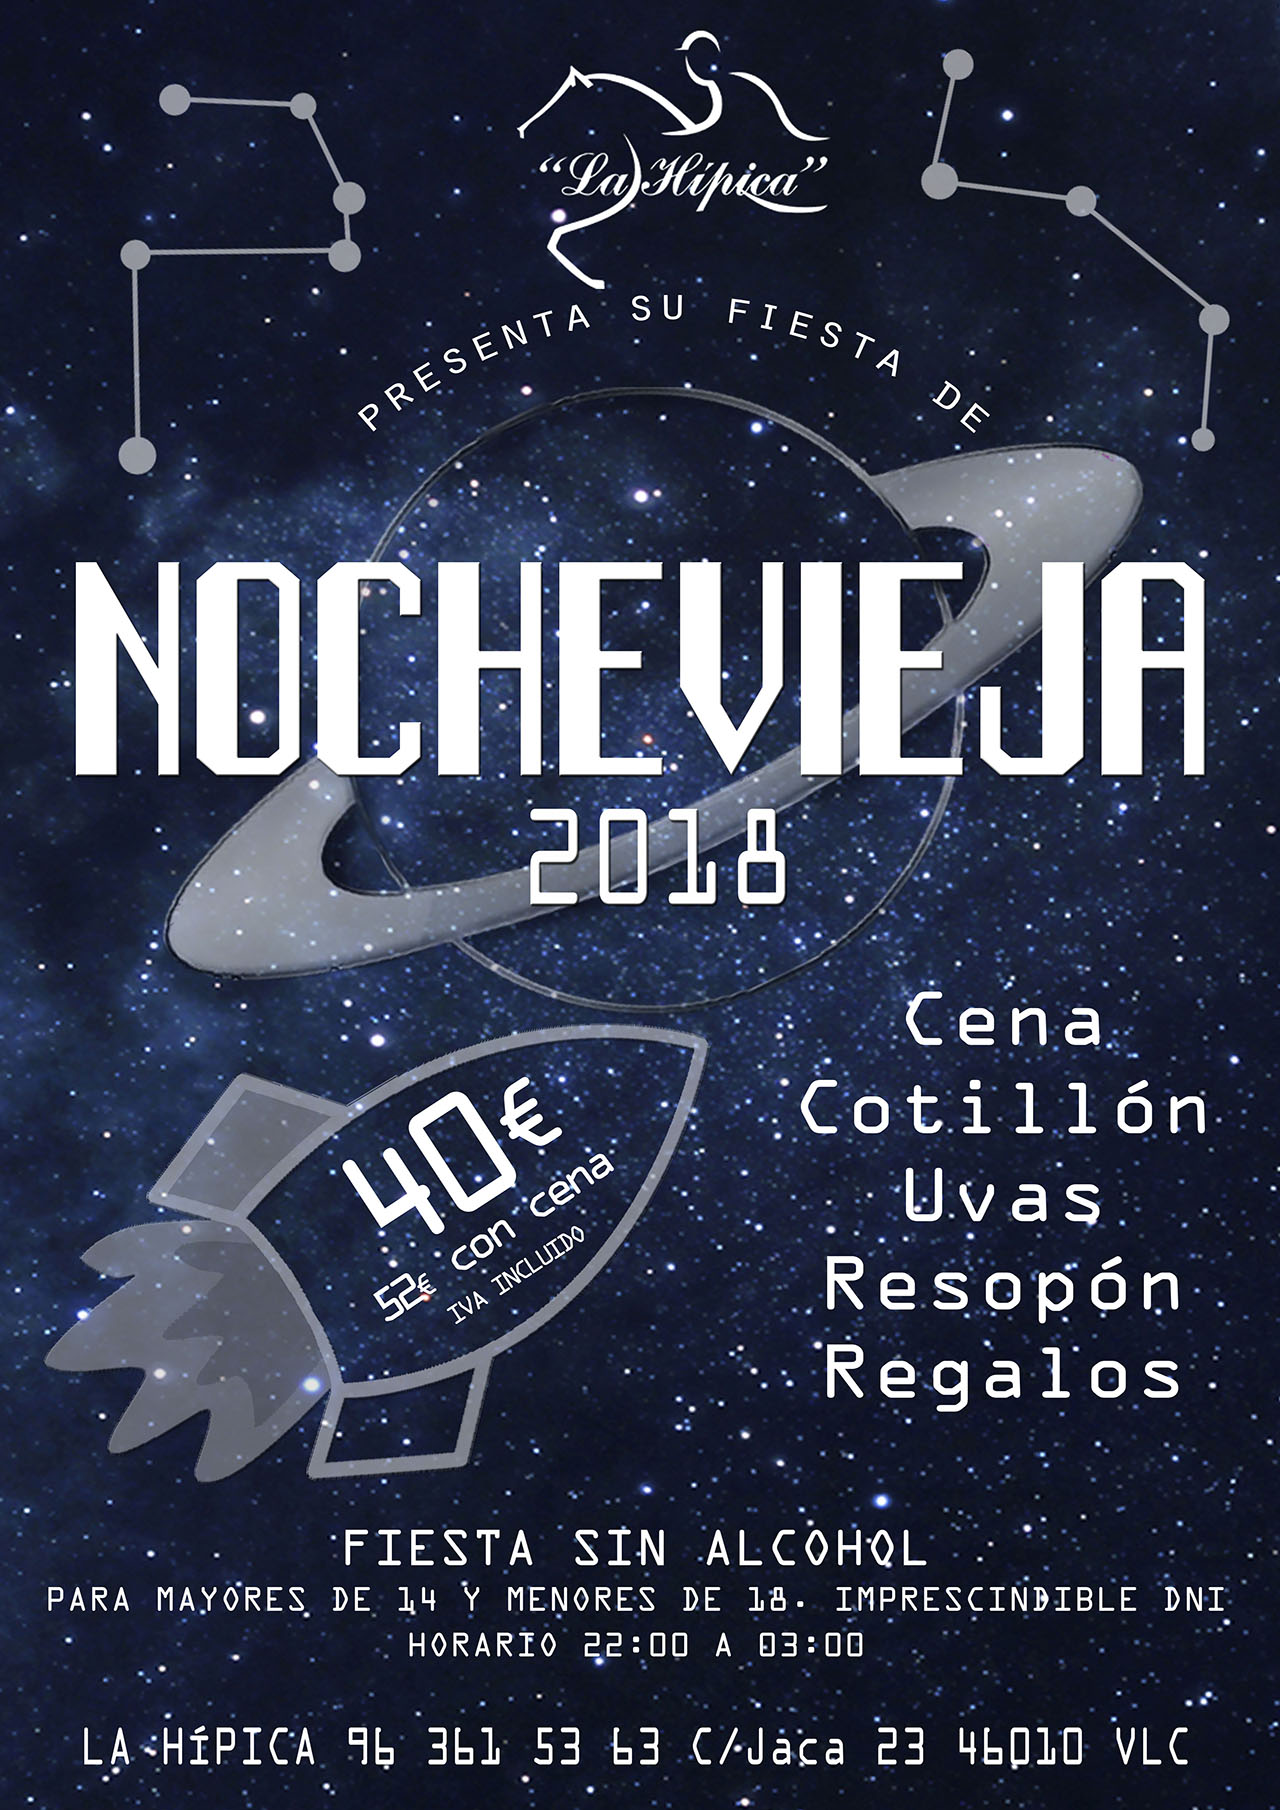 nochevieja 2018, nochevieja valencia